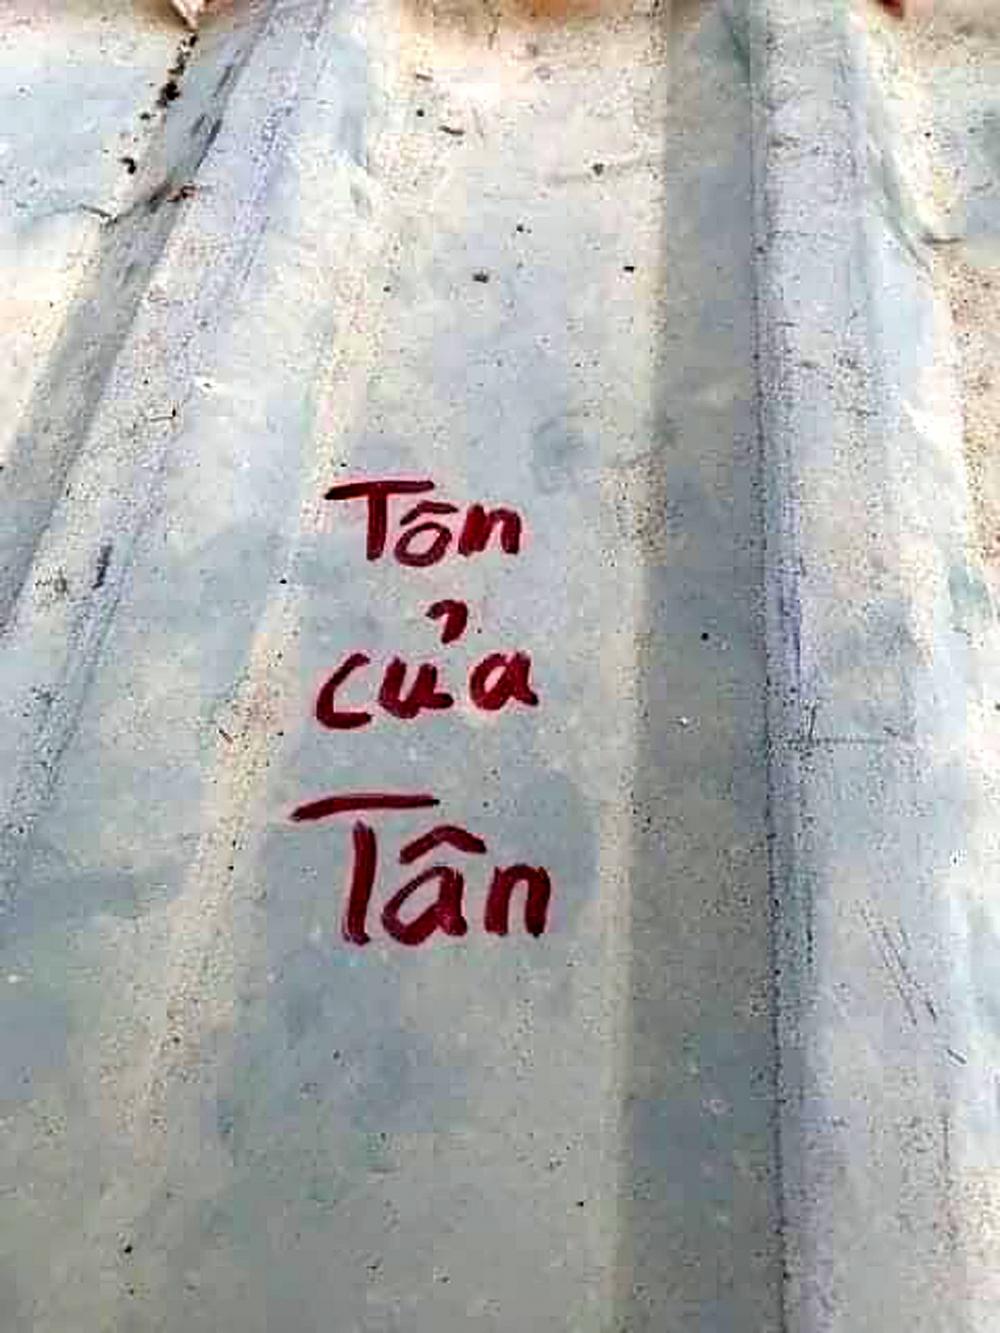 Viết tên lên mái tôn trước bão để dễ tìm tài sản thất lạc - ảnh facebook